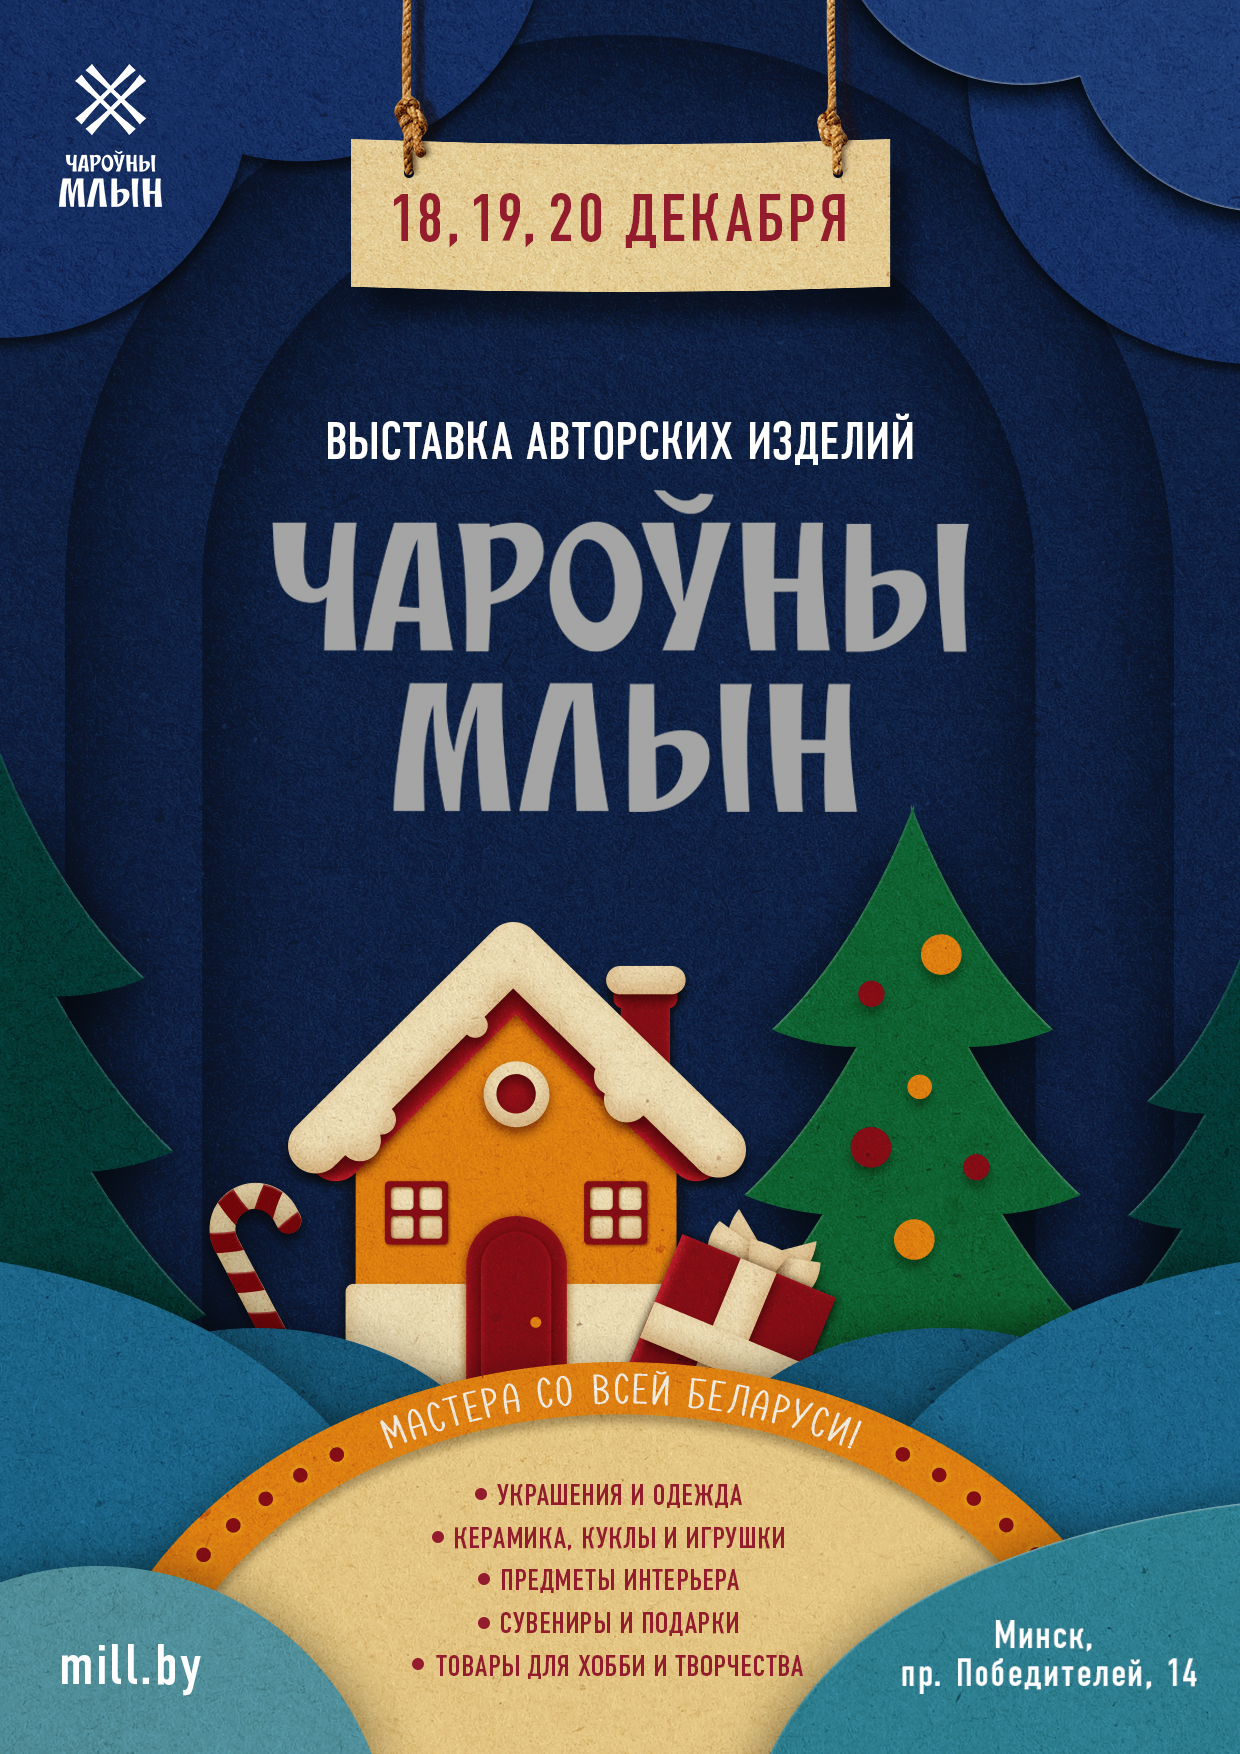 Дизайн новогодней афиши для выставки изделий ручной работы фото f_3965f884810a47de.jpg